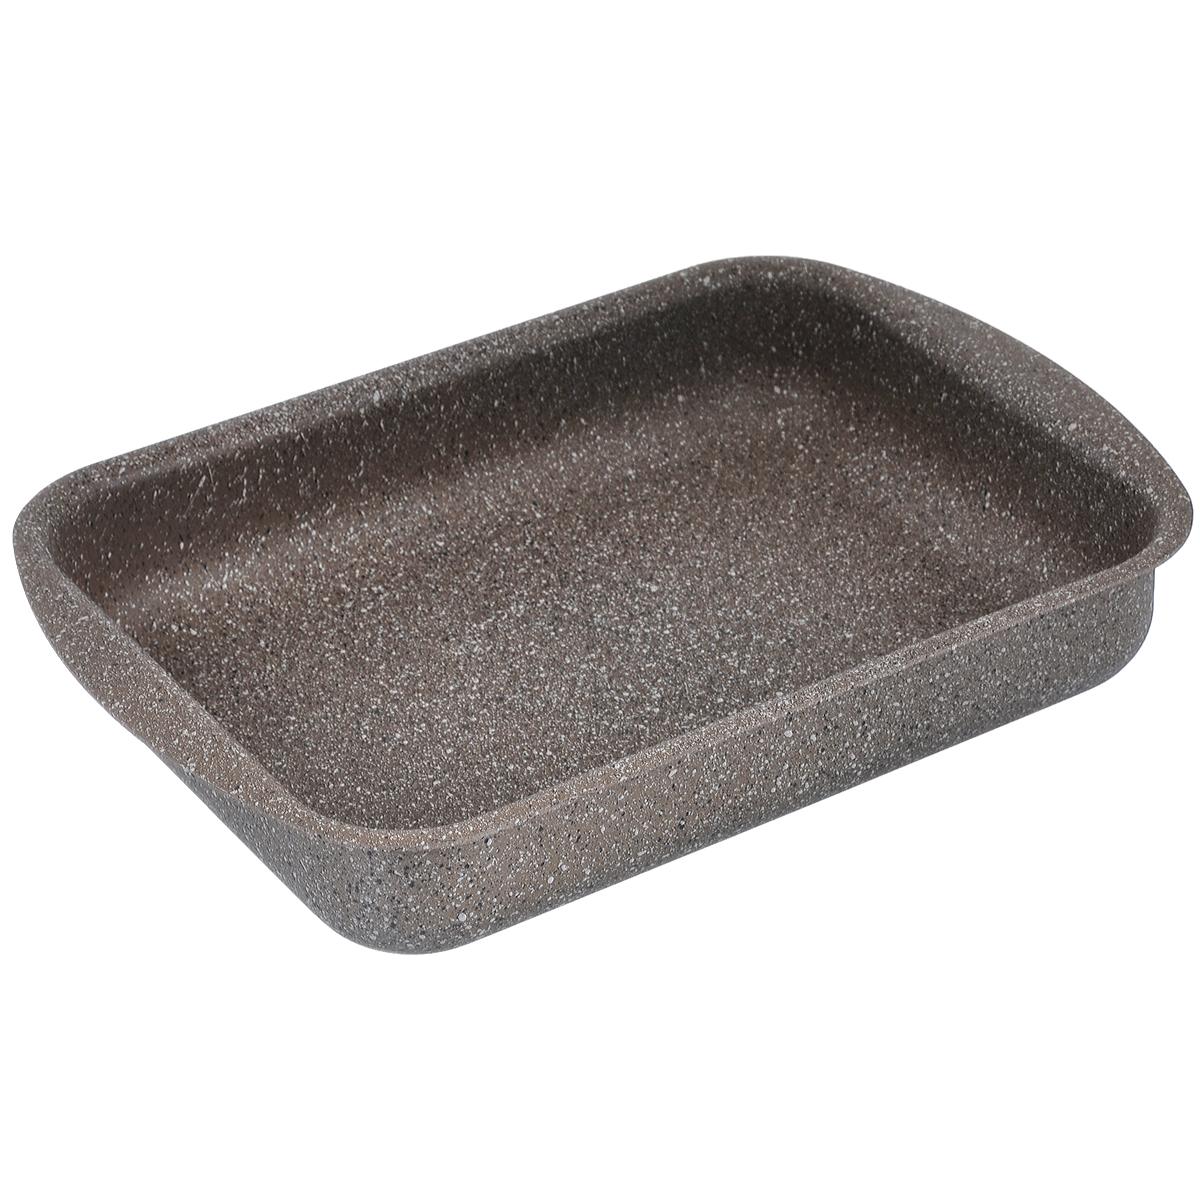 Противень TimA Art Granit, с антипригарным покрытием, прямоугольный, 31 см х 23 см х 6 смAT-3123Прямоугольный противень TimA Art Granit изготовлен из алюминия с антипригарным покрытием. Пятислойное сверхпрочное антипригарное покрытие нового поколения серии Art Granit состоит из нескольких слоев каменной крошки с высоким содержанием минералов. Это обеспечивает максимальный антипригарный эффект для приготовления блюд любой сложности и устойчивость к царапинам и истиранию. Возможно использование металлических столовых приборов.Утолщенное дно способствует равномерному распределению и сохранению тепла, что позволяет доводить блюдо до готовности без источника тепла. Посуда не боится перегрева, не выделяет опасных компонентов даже при высоких температурах. Покрытие абсолютно экологично, не содержит PFOA, примесей кадмия и свинца. Легко моется. Подходит для духового шкафа. Можно мыть в посудомоечной машине. Внутренний размер противня: 31 см х 23 см. Размер противня (с учетом ручек): 36 см х 25 см. Высота стенки: 6 см.